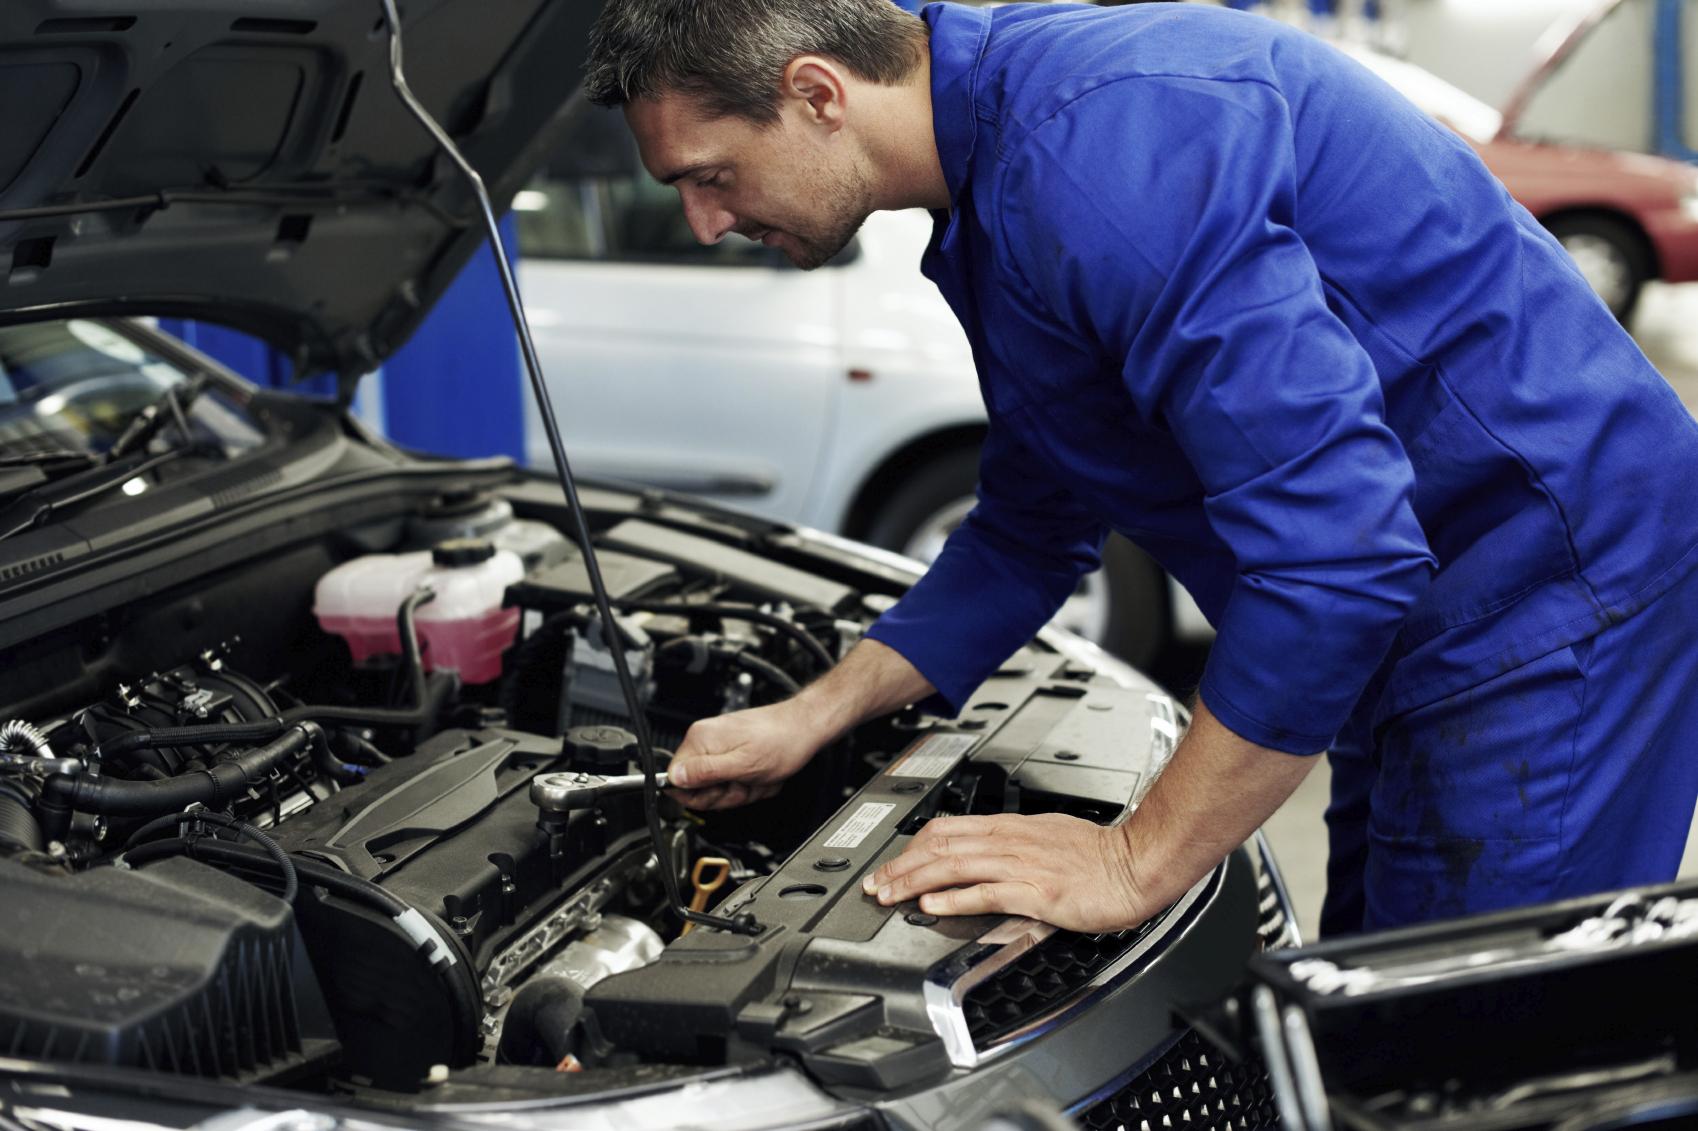 Mechanic-iStock